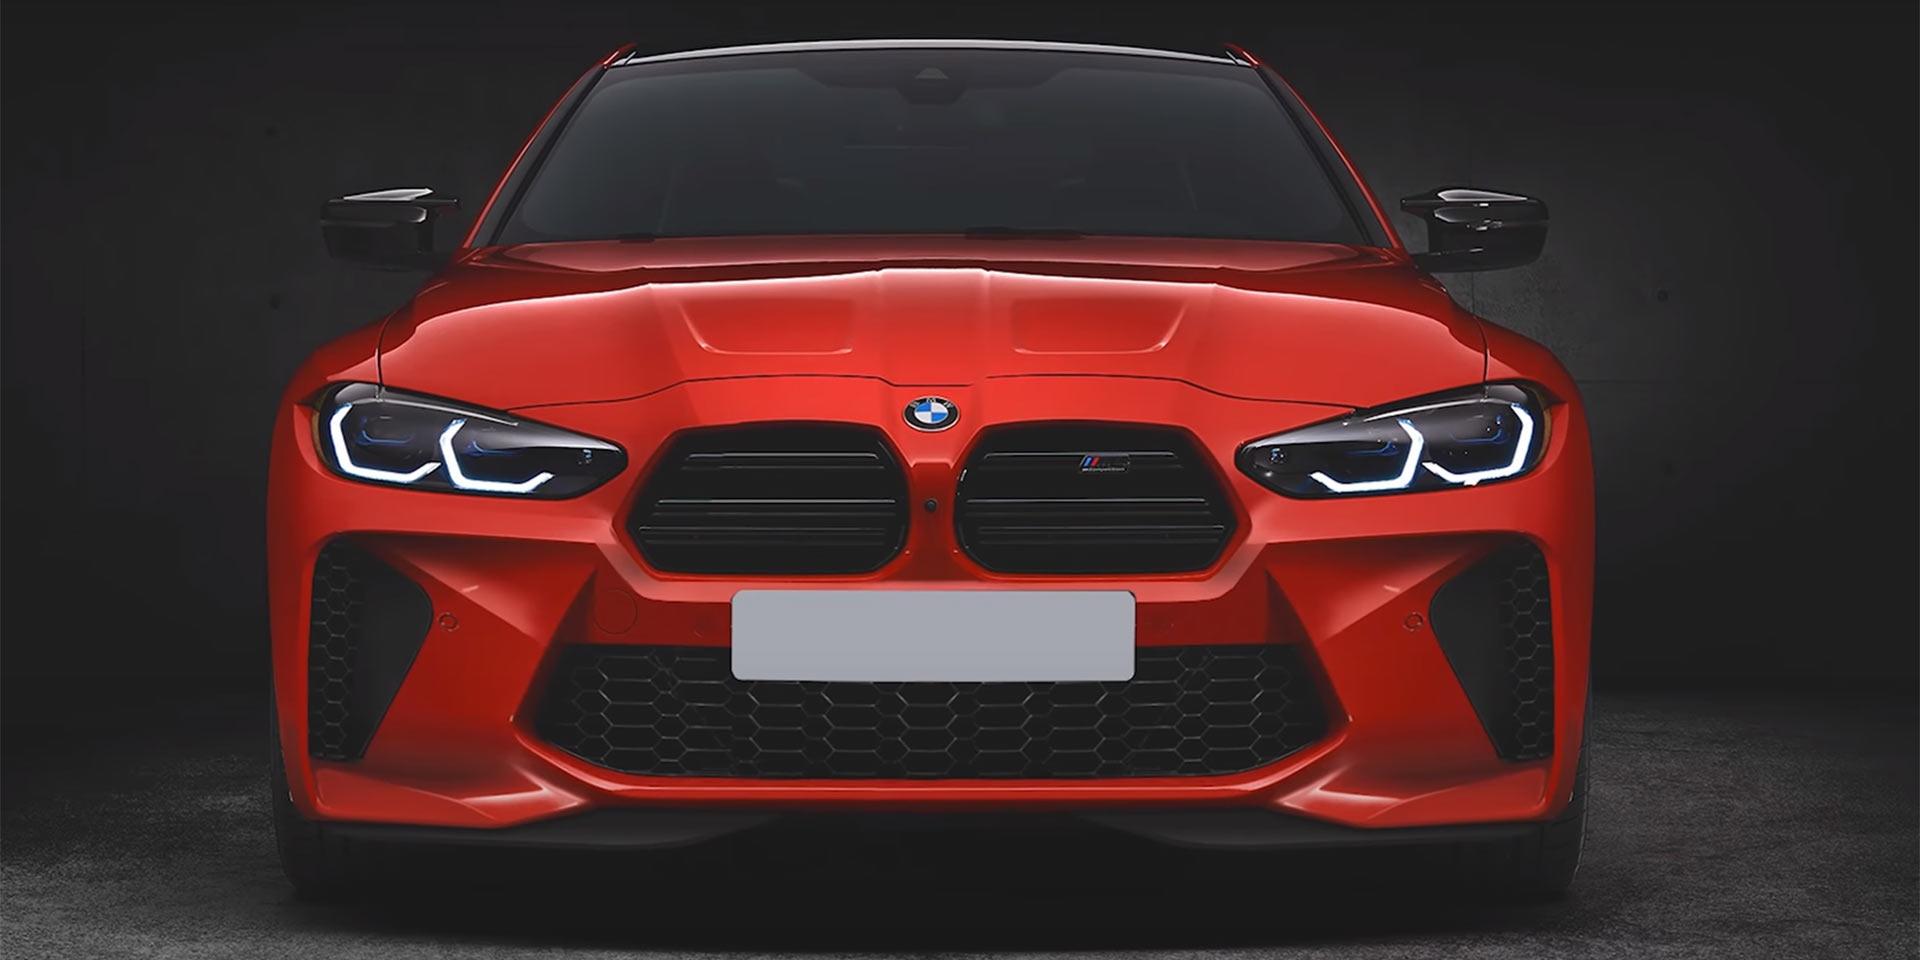 親愛的!我把鼻孔縮小了!BMW M3/M4開啟另類改裝部件!